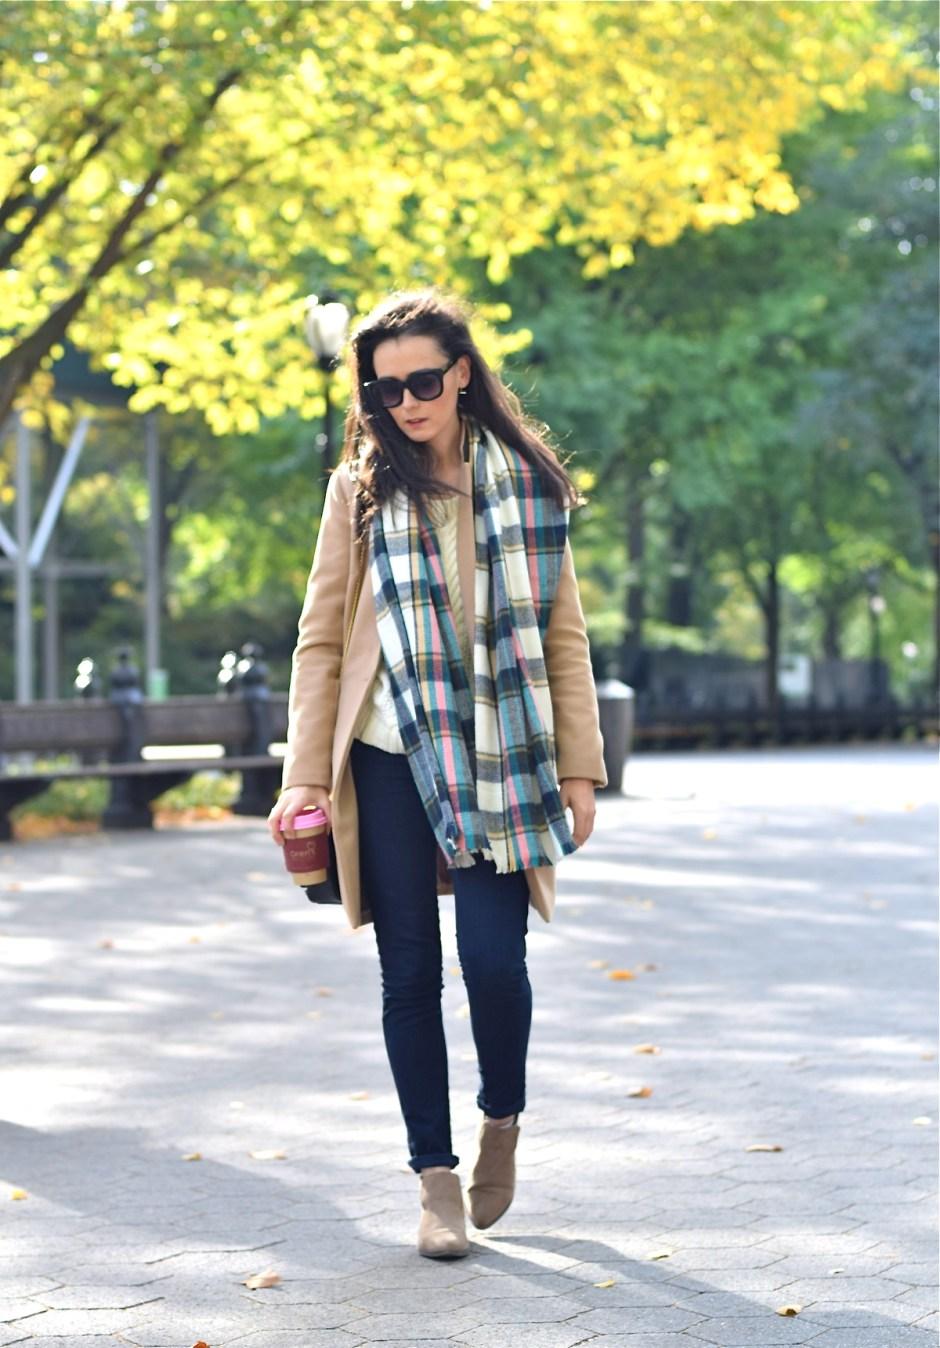 irish fashion: camel coat 10